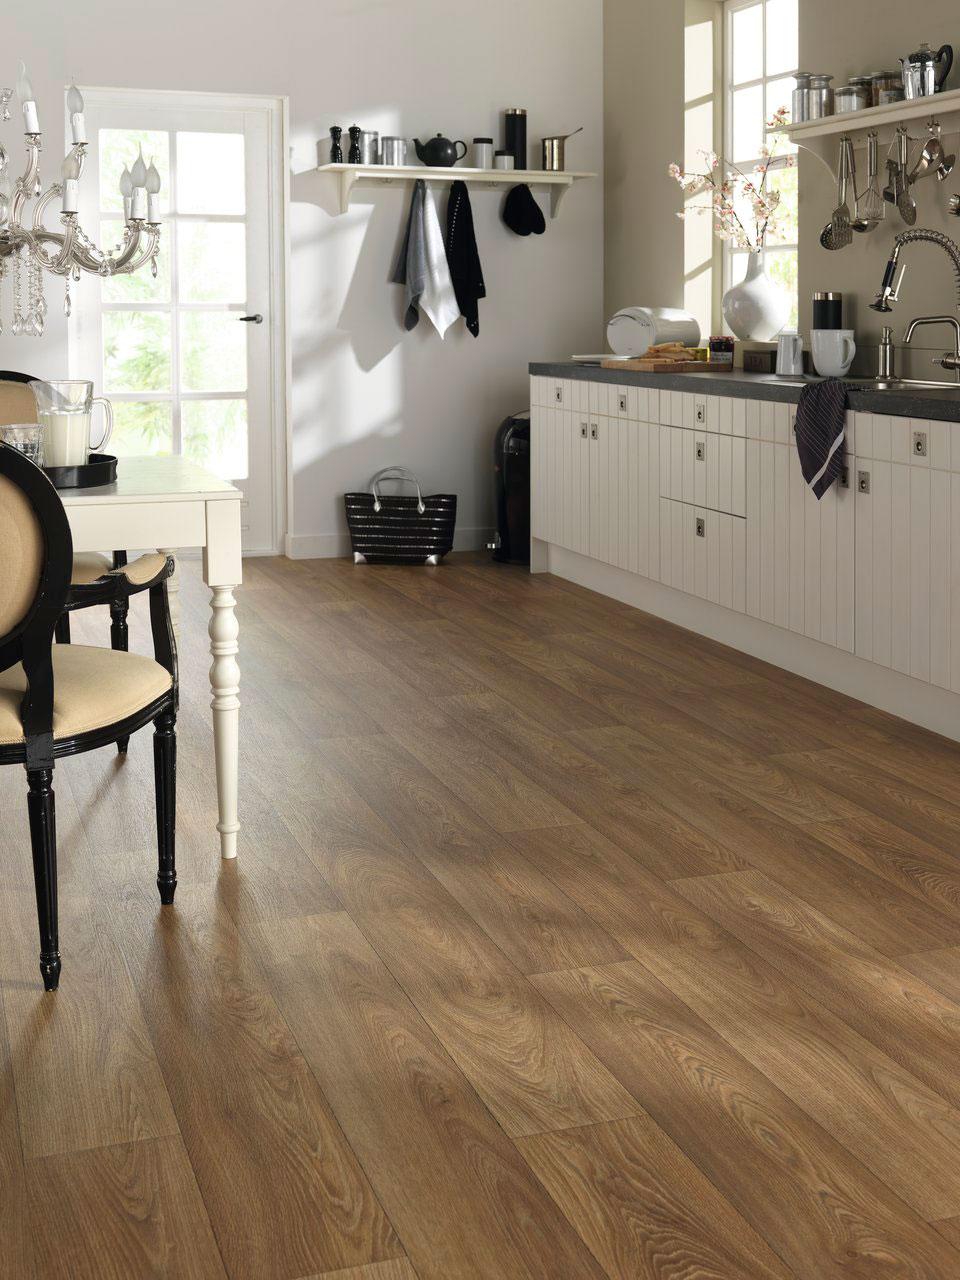 Novilon heezen wonen dinxperlo - Vinyl vloer voor keuken ...